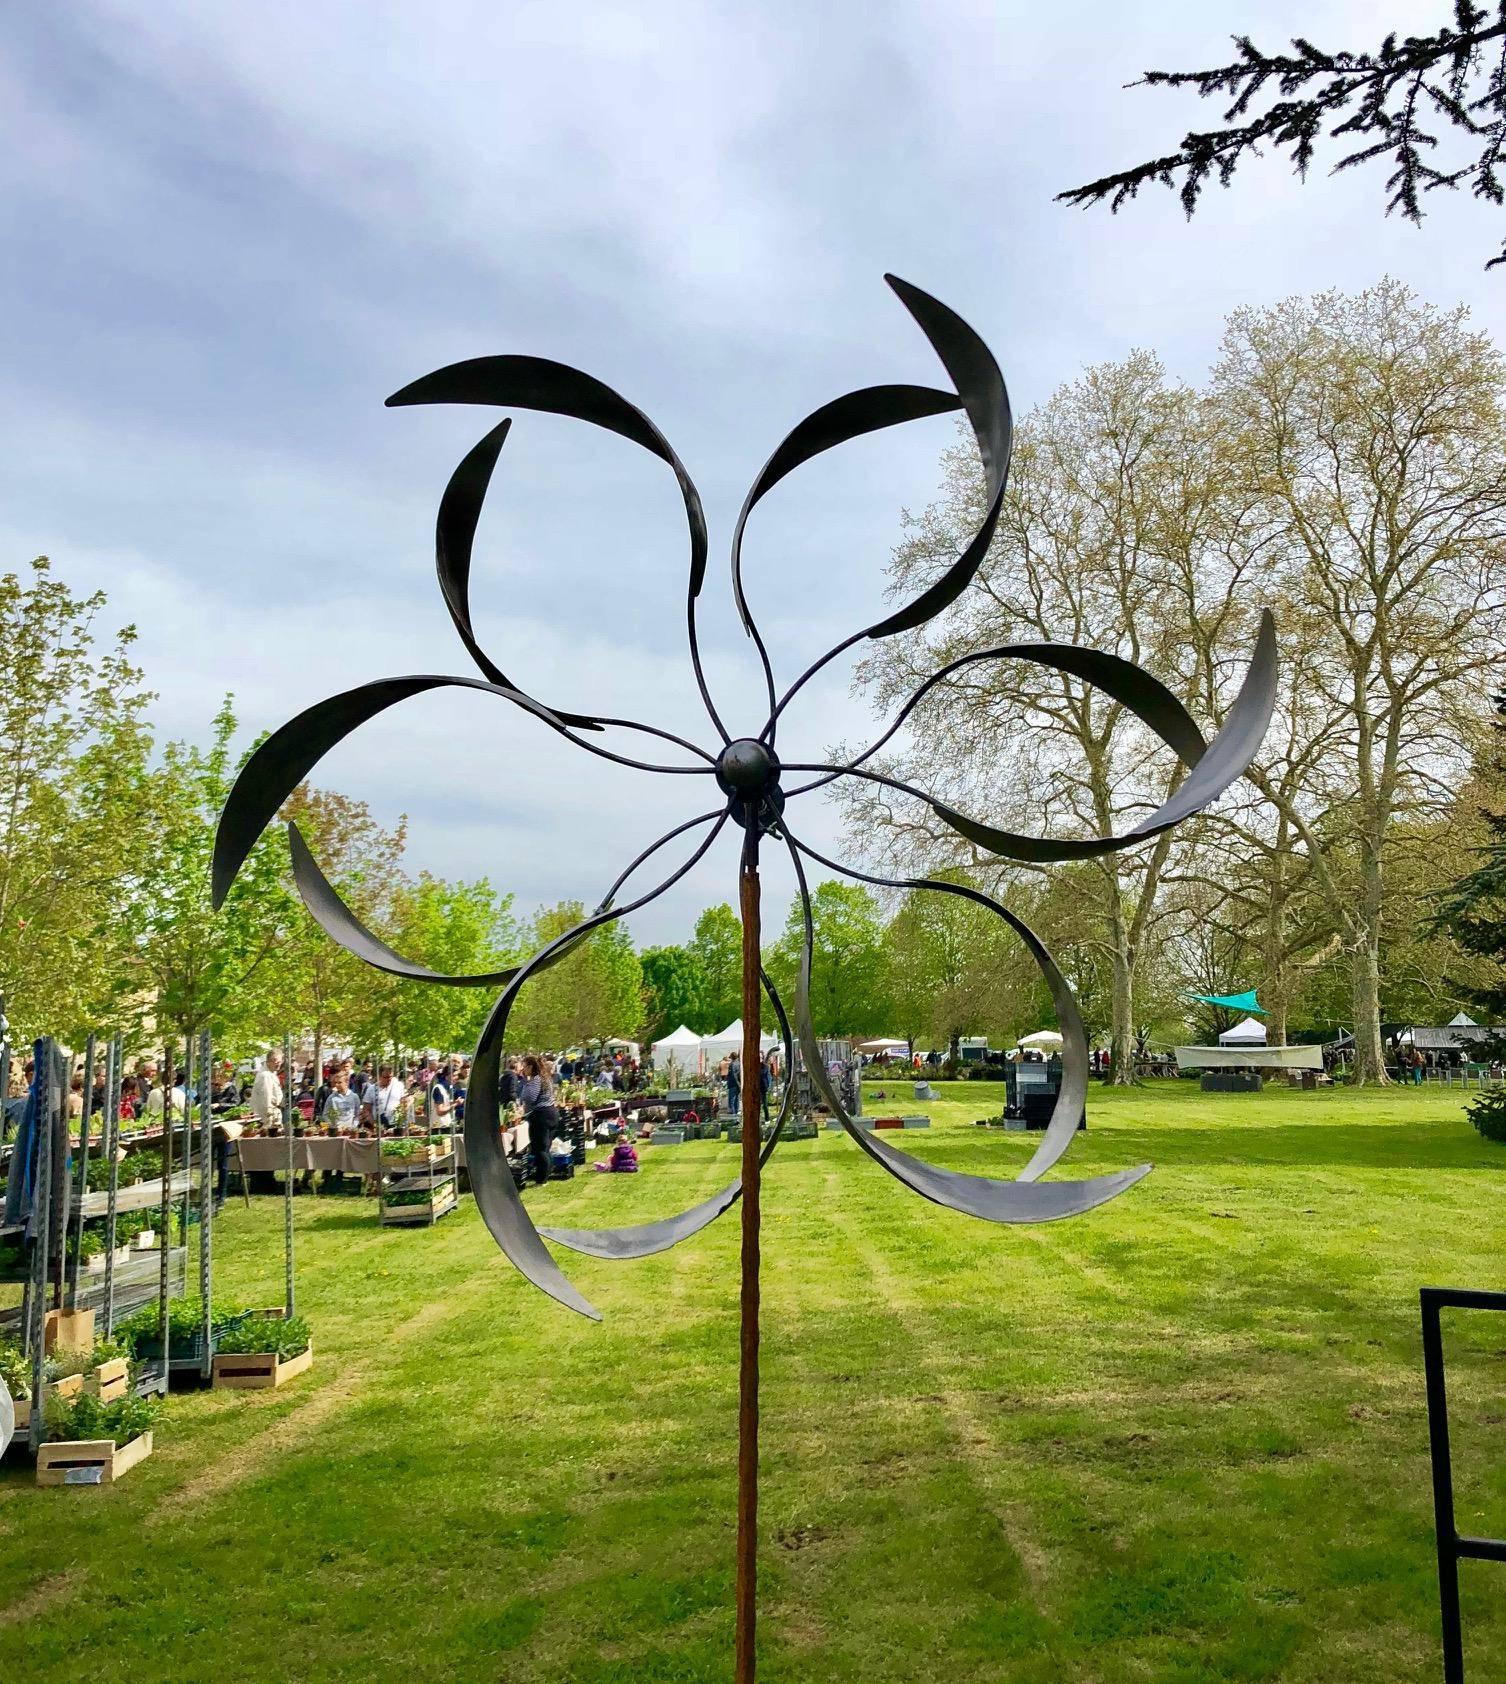 Envoûtante Eolienne Sur Pic Mobile De Jardin En Acier Brut 19X54X208Cm encequiconcerne Eolienne De Jardin